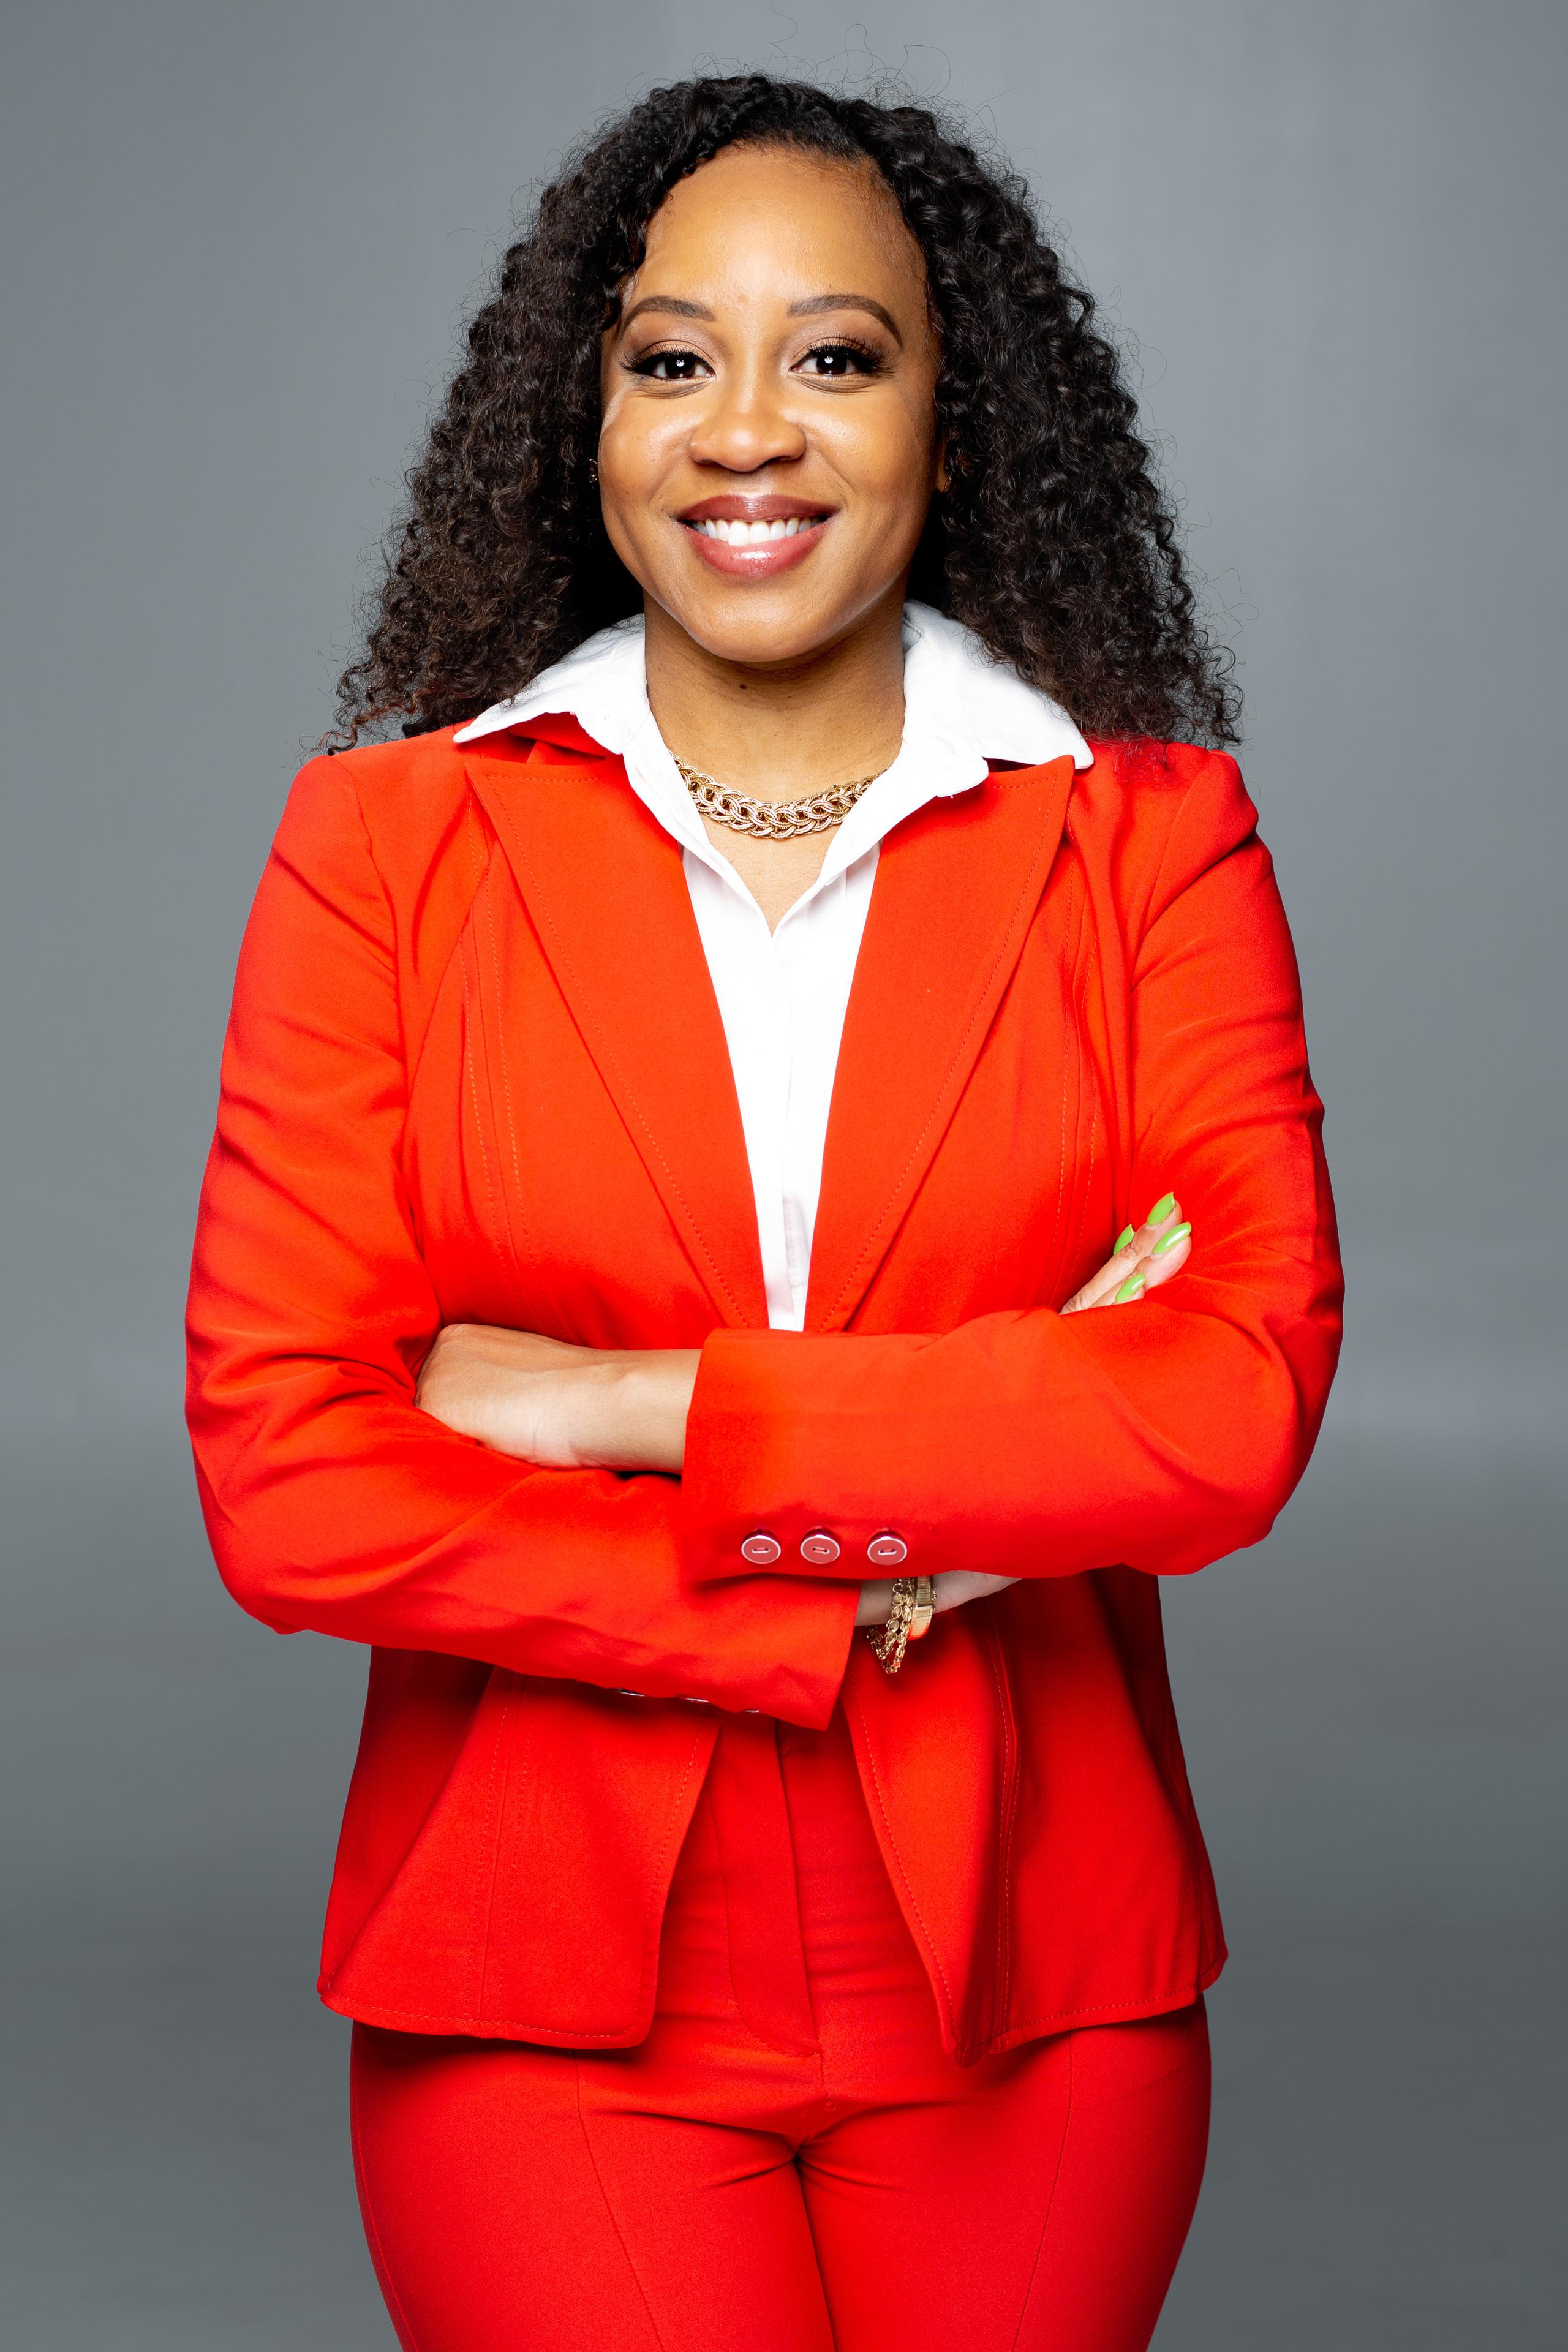 Public Speaker professional headshot for social media content in Alexandria, Virginia.